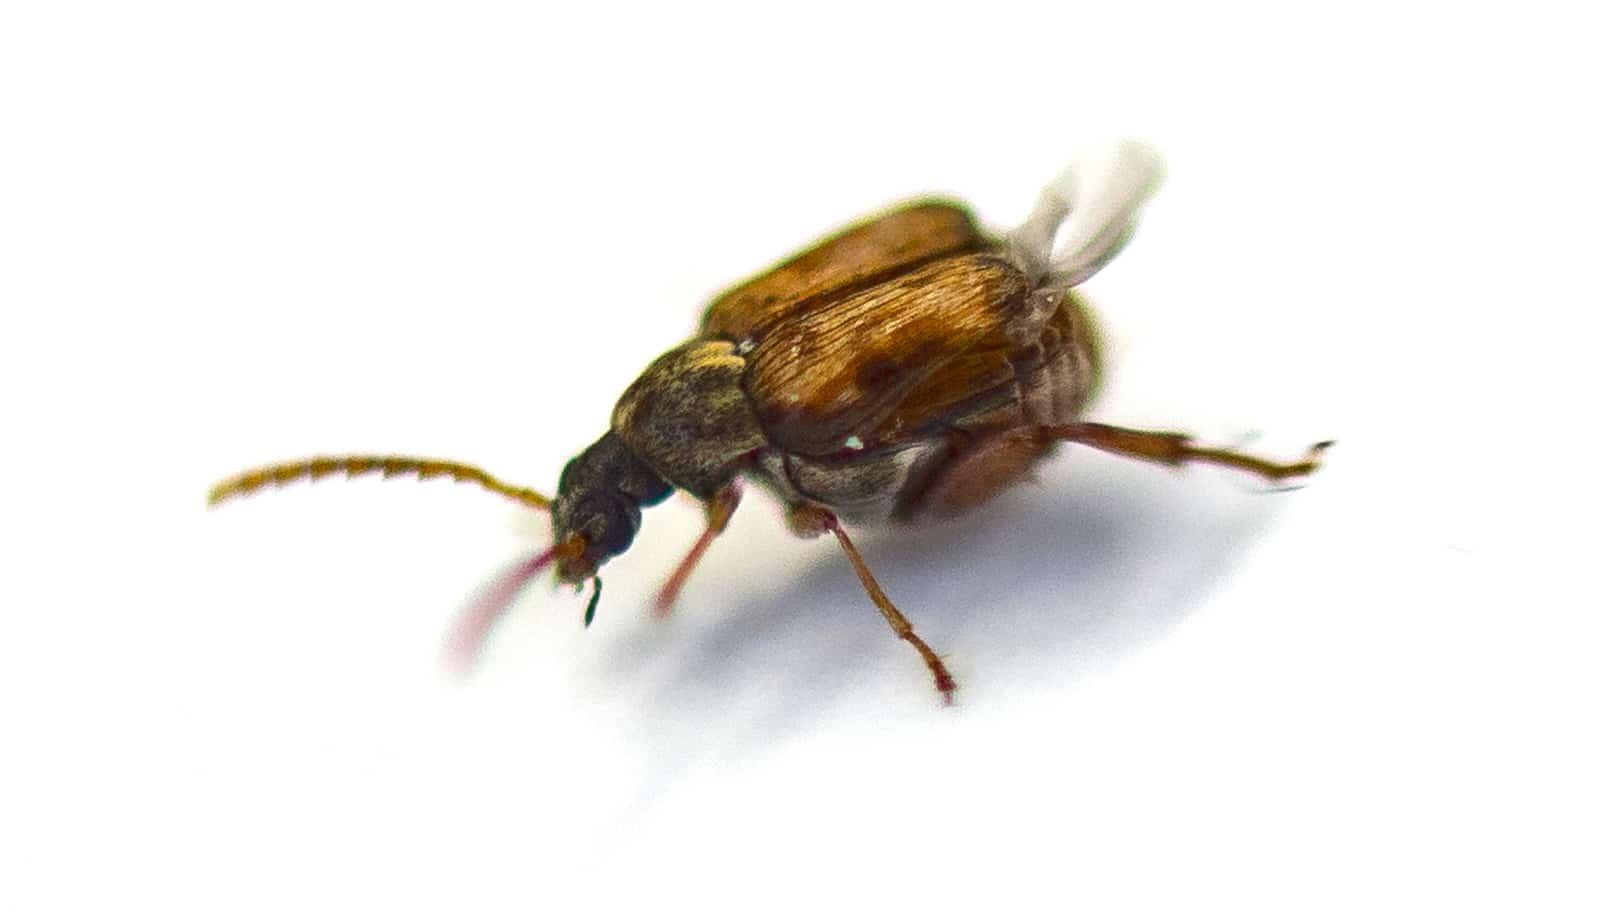 Callosobruchus maculatus